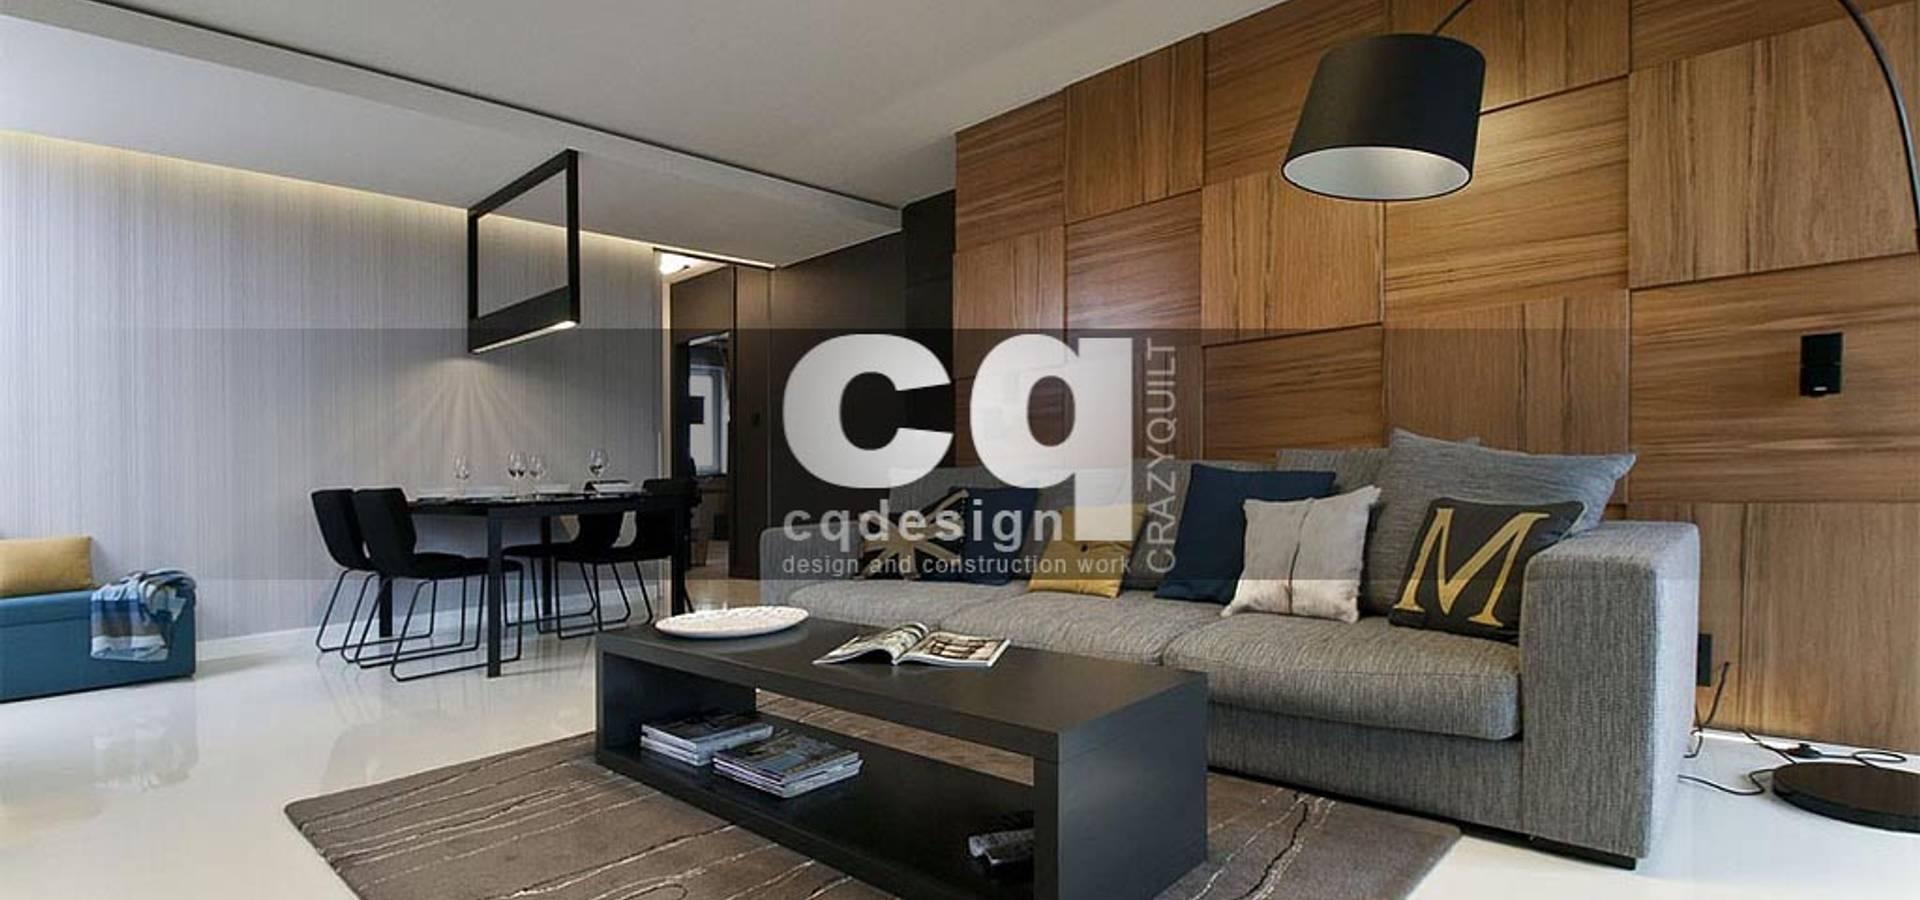 Cq design